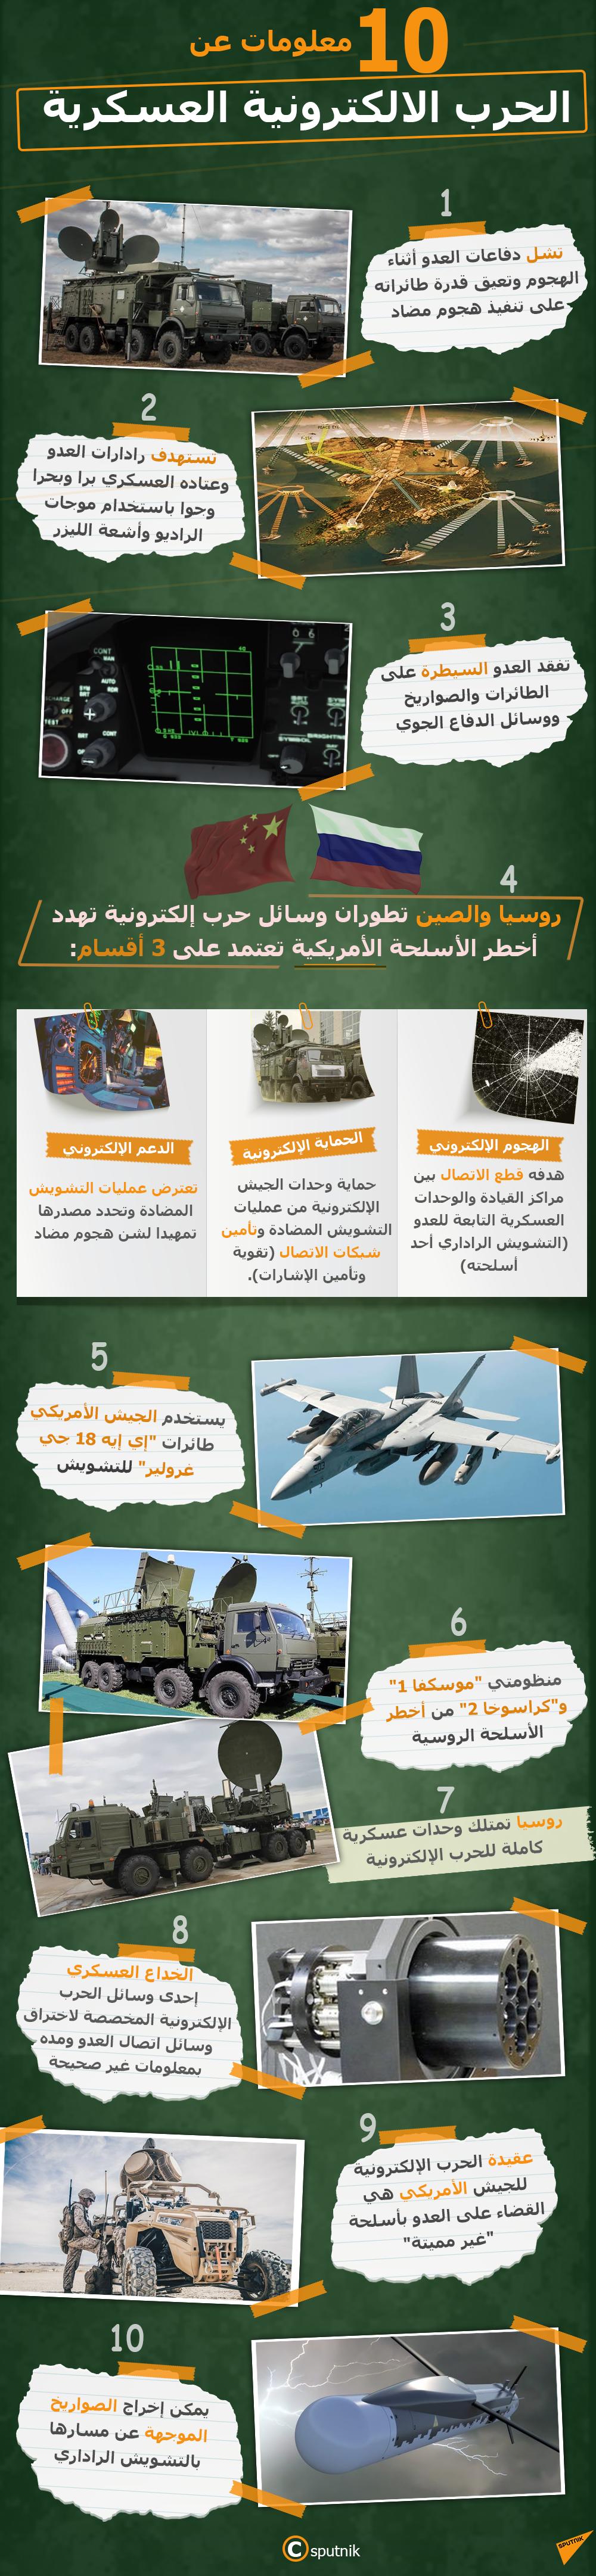 إنفوجرافيك - 10 معلومات عن الحرب الالكترونية العسكرية